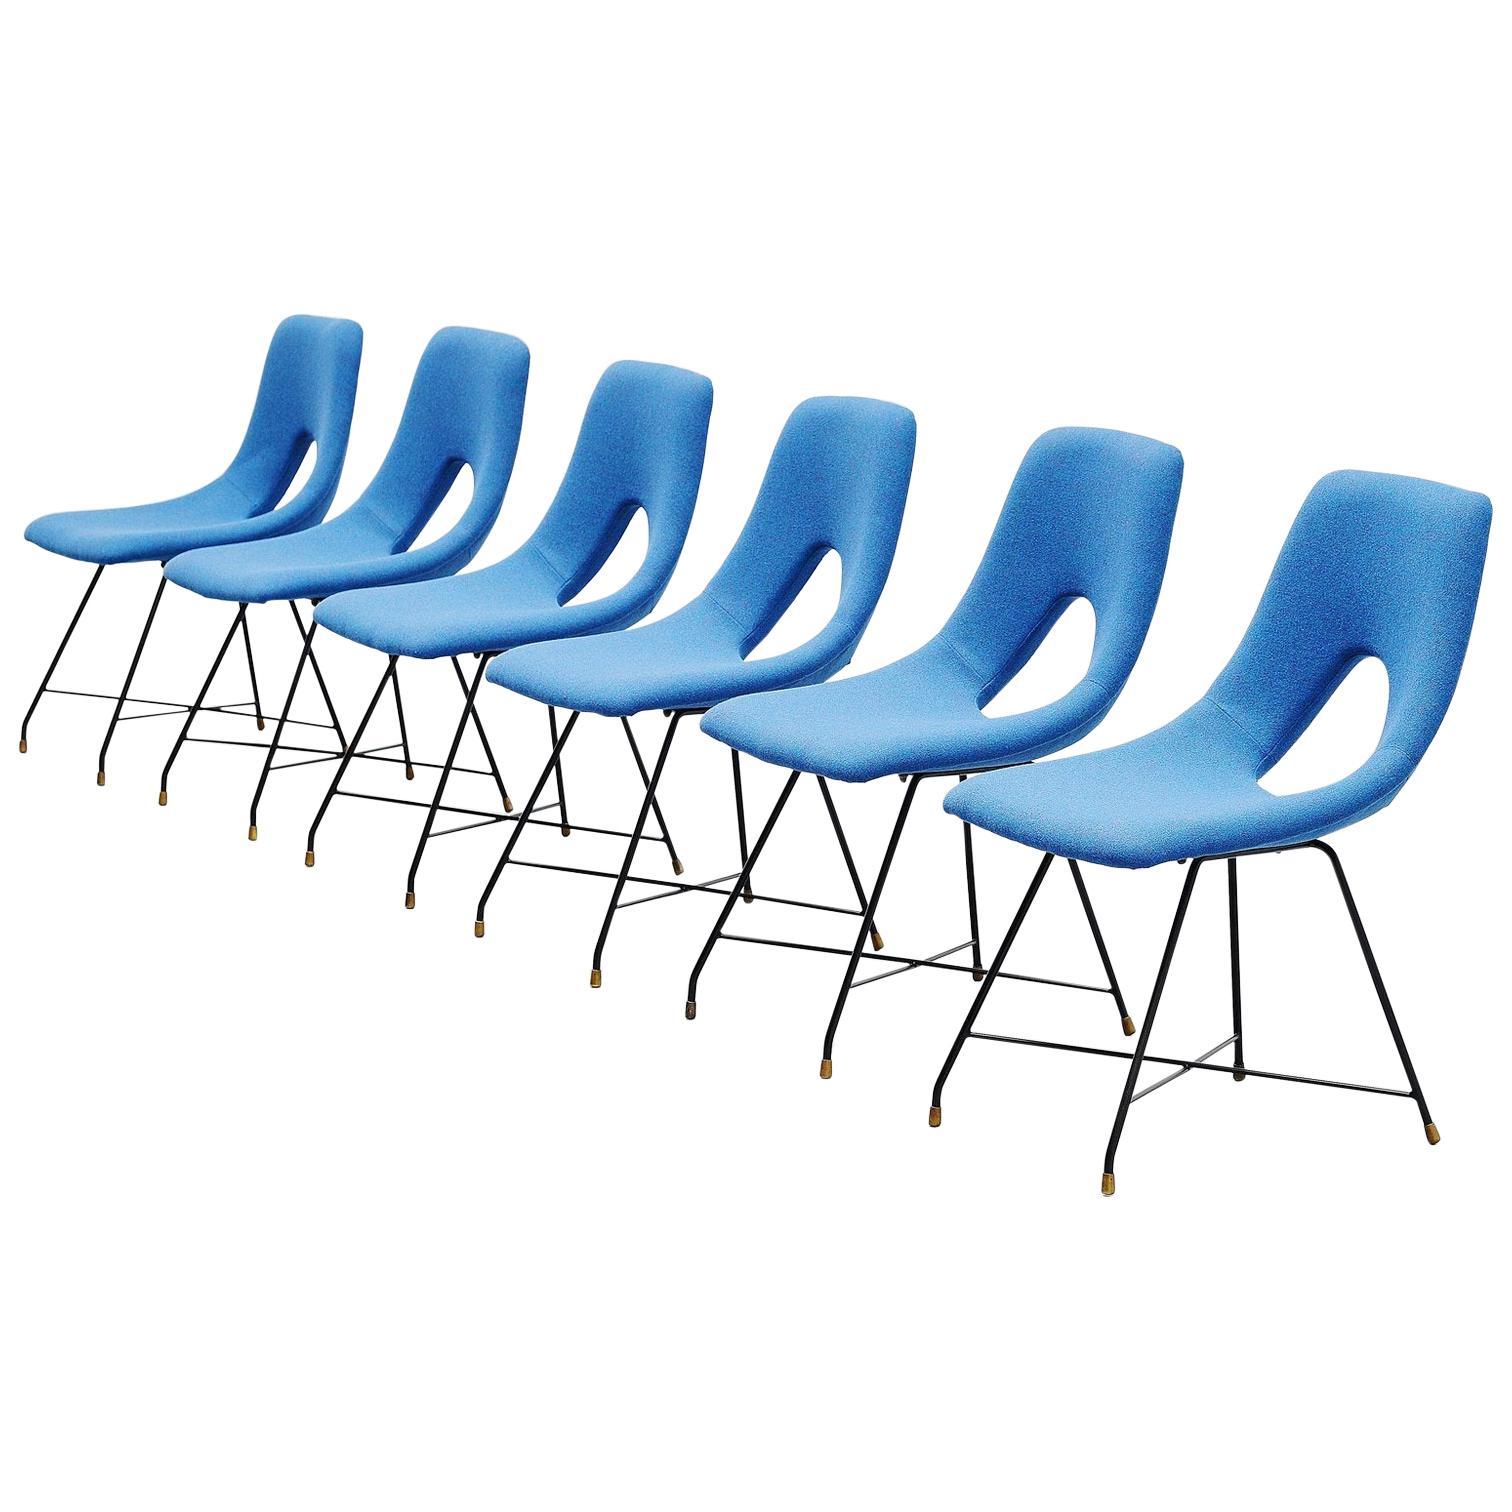 Augusto Bozzi Cosmos Dining Chairs 6 Saporiti, Italy, 1954